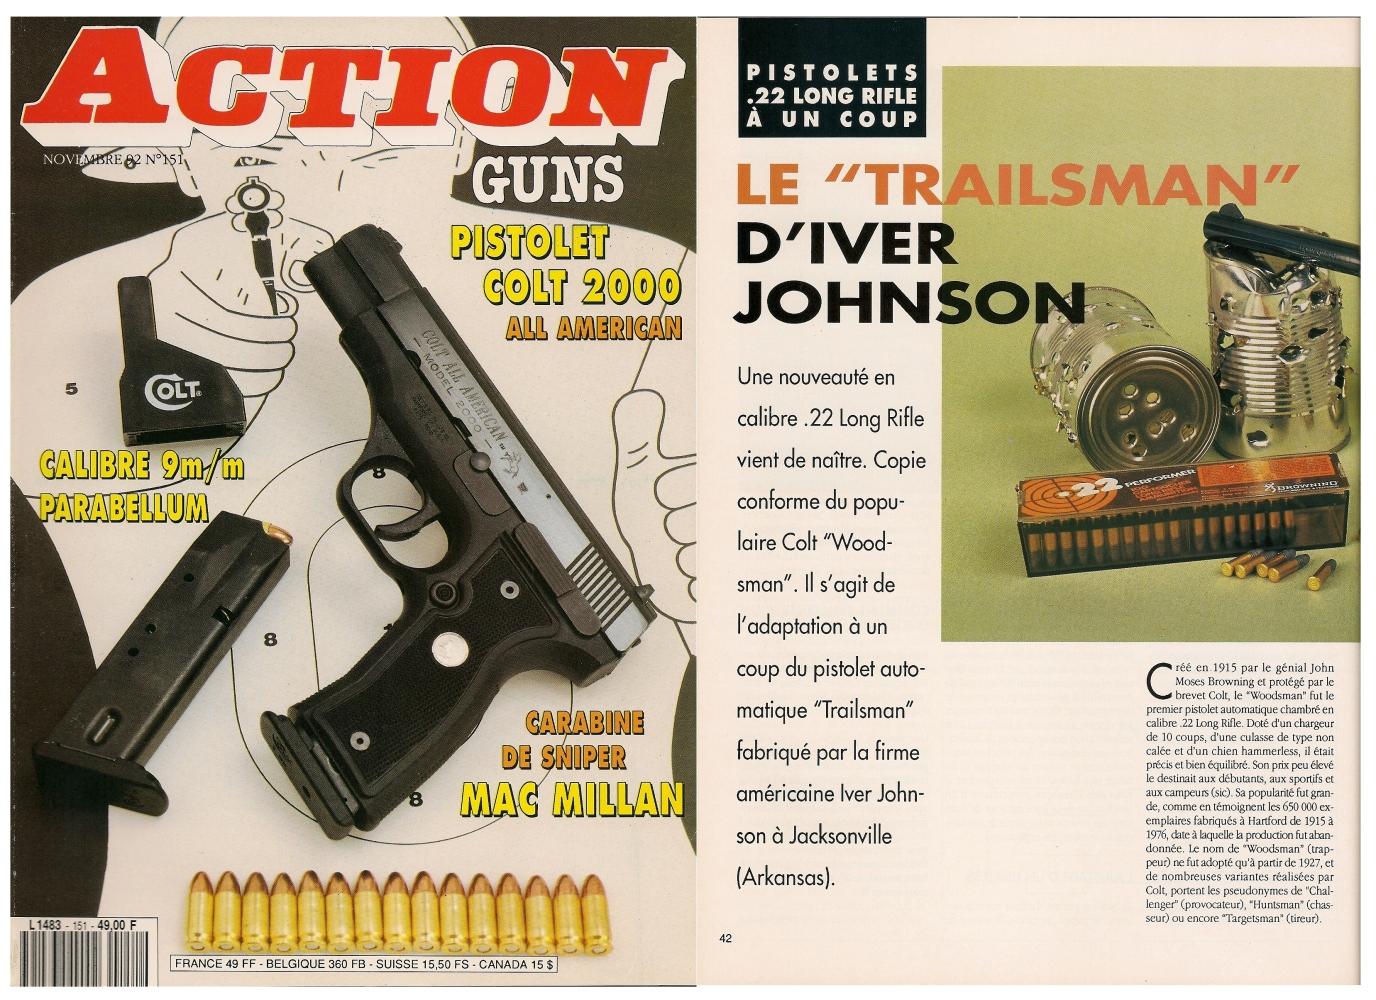 Le banc d'essai du pistolet Iver Johnson « Trailsman » a été publié sur 5 pages dans le magazine Action Guns n° 151 (novembre 1992).